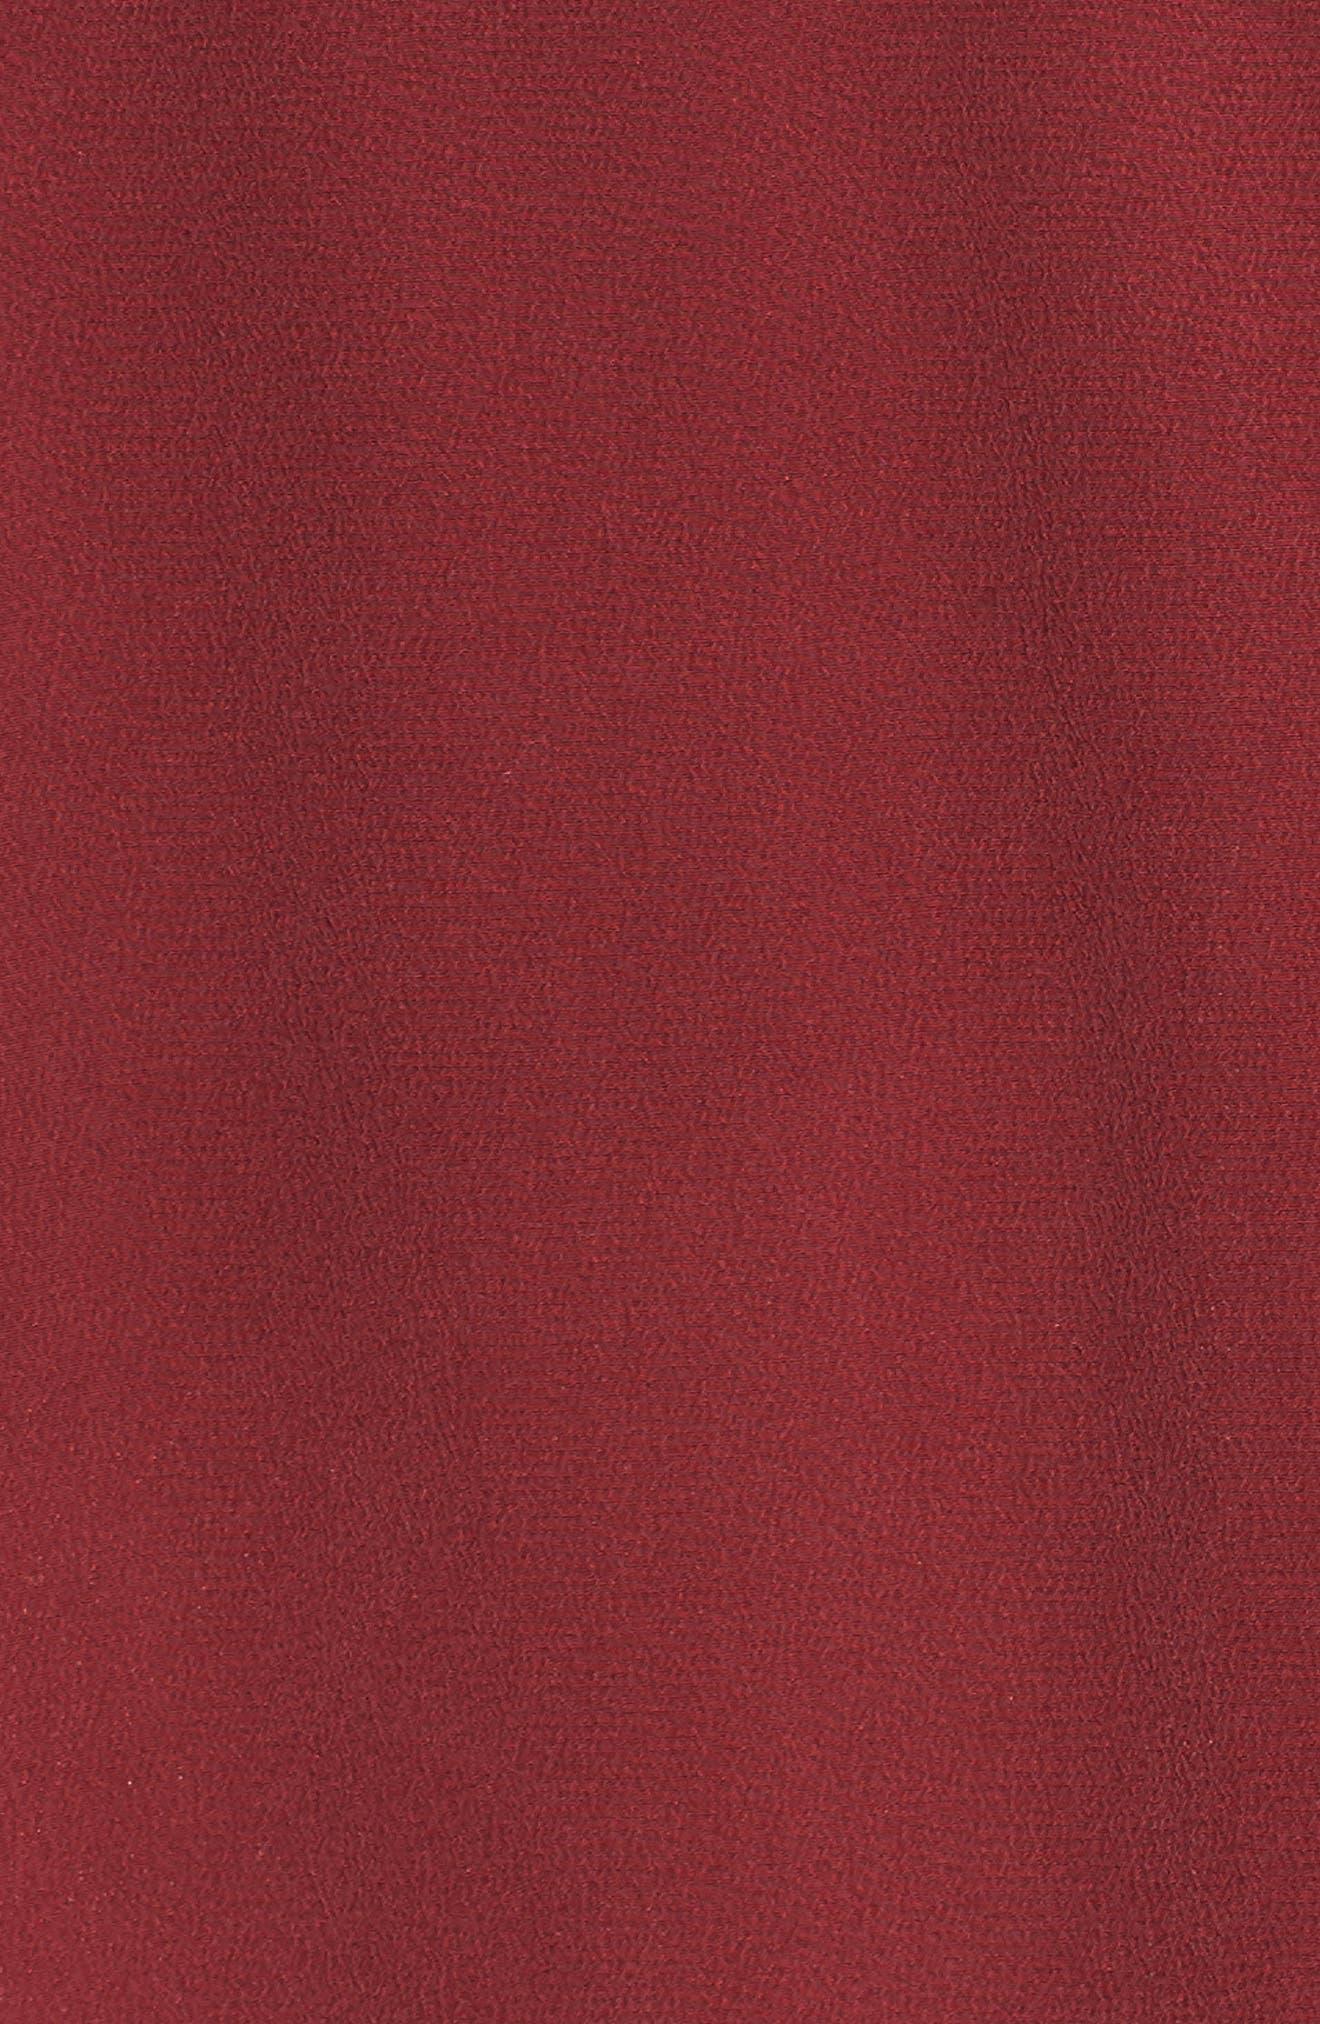 Rhett Silk Shirt,                             Alternate thumbnail 5, color,                             930